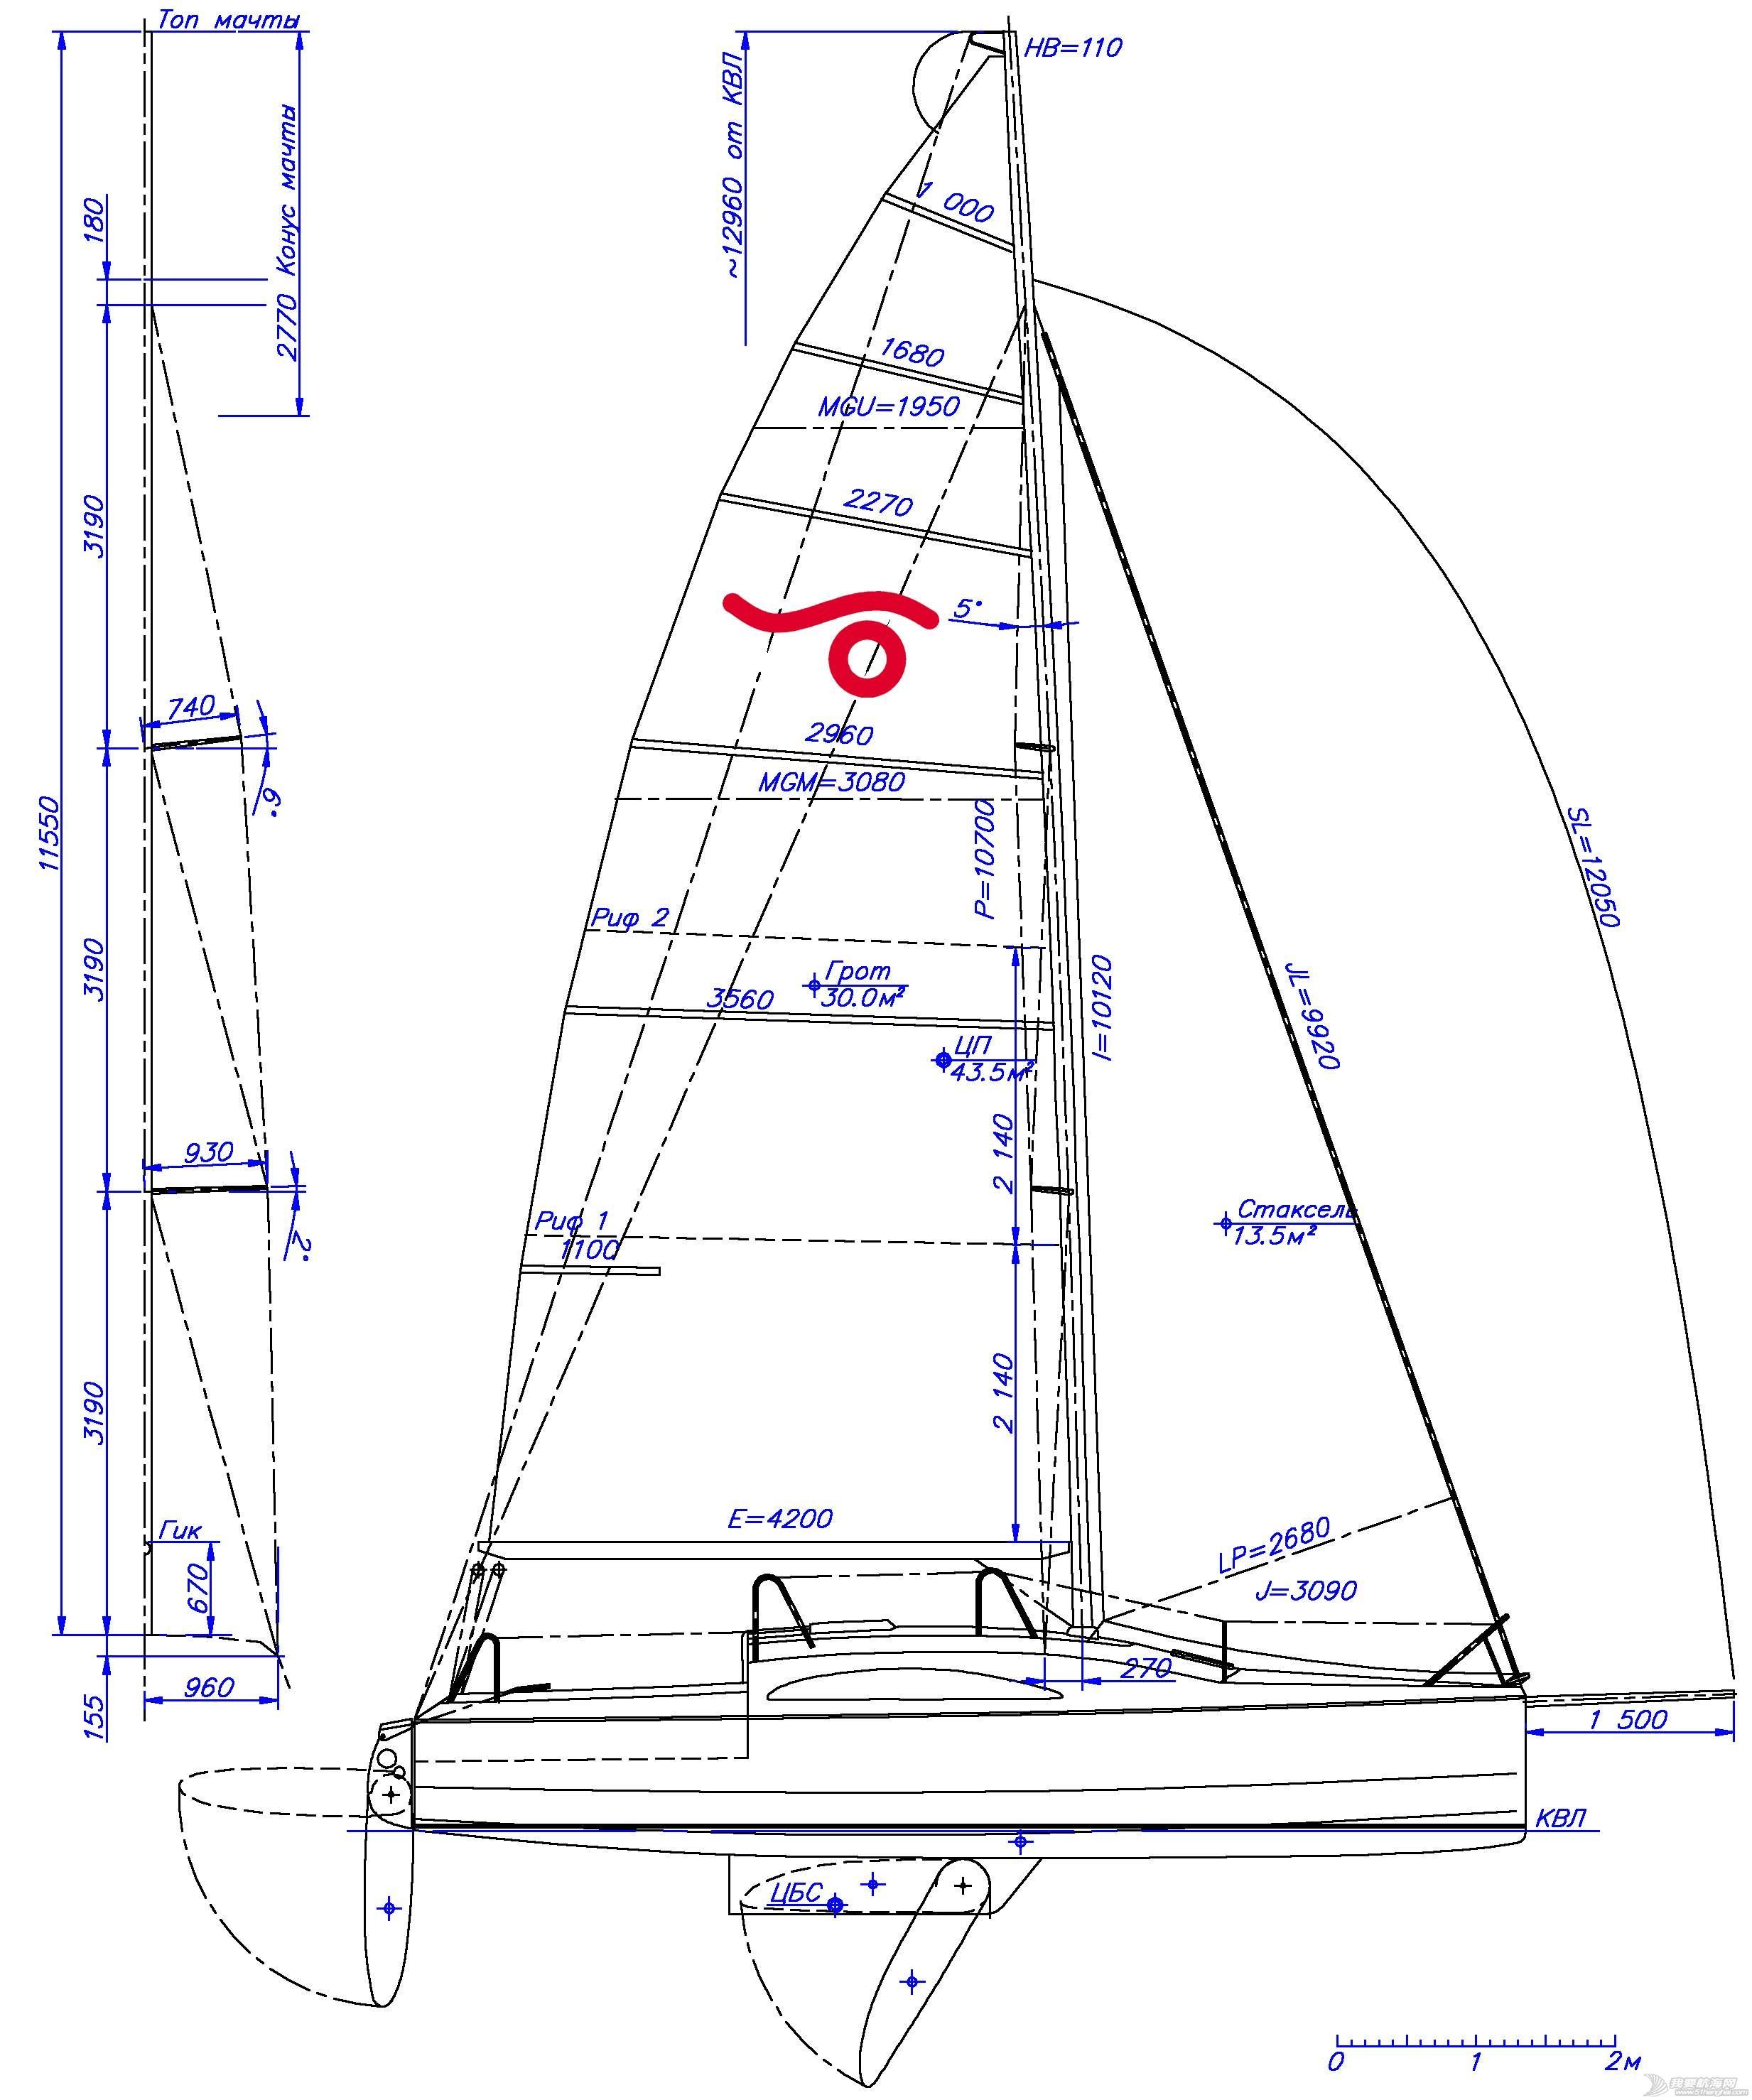 sail_t800_sp.jpg